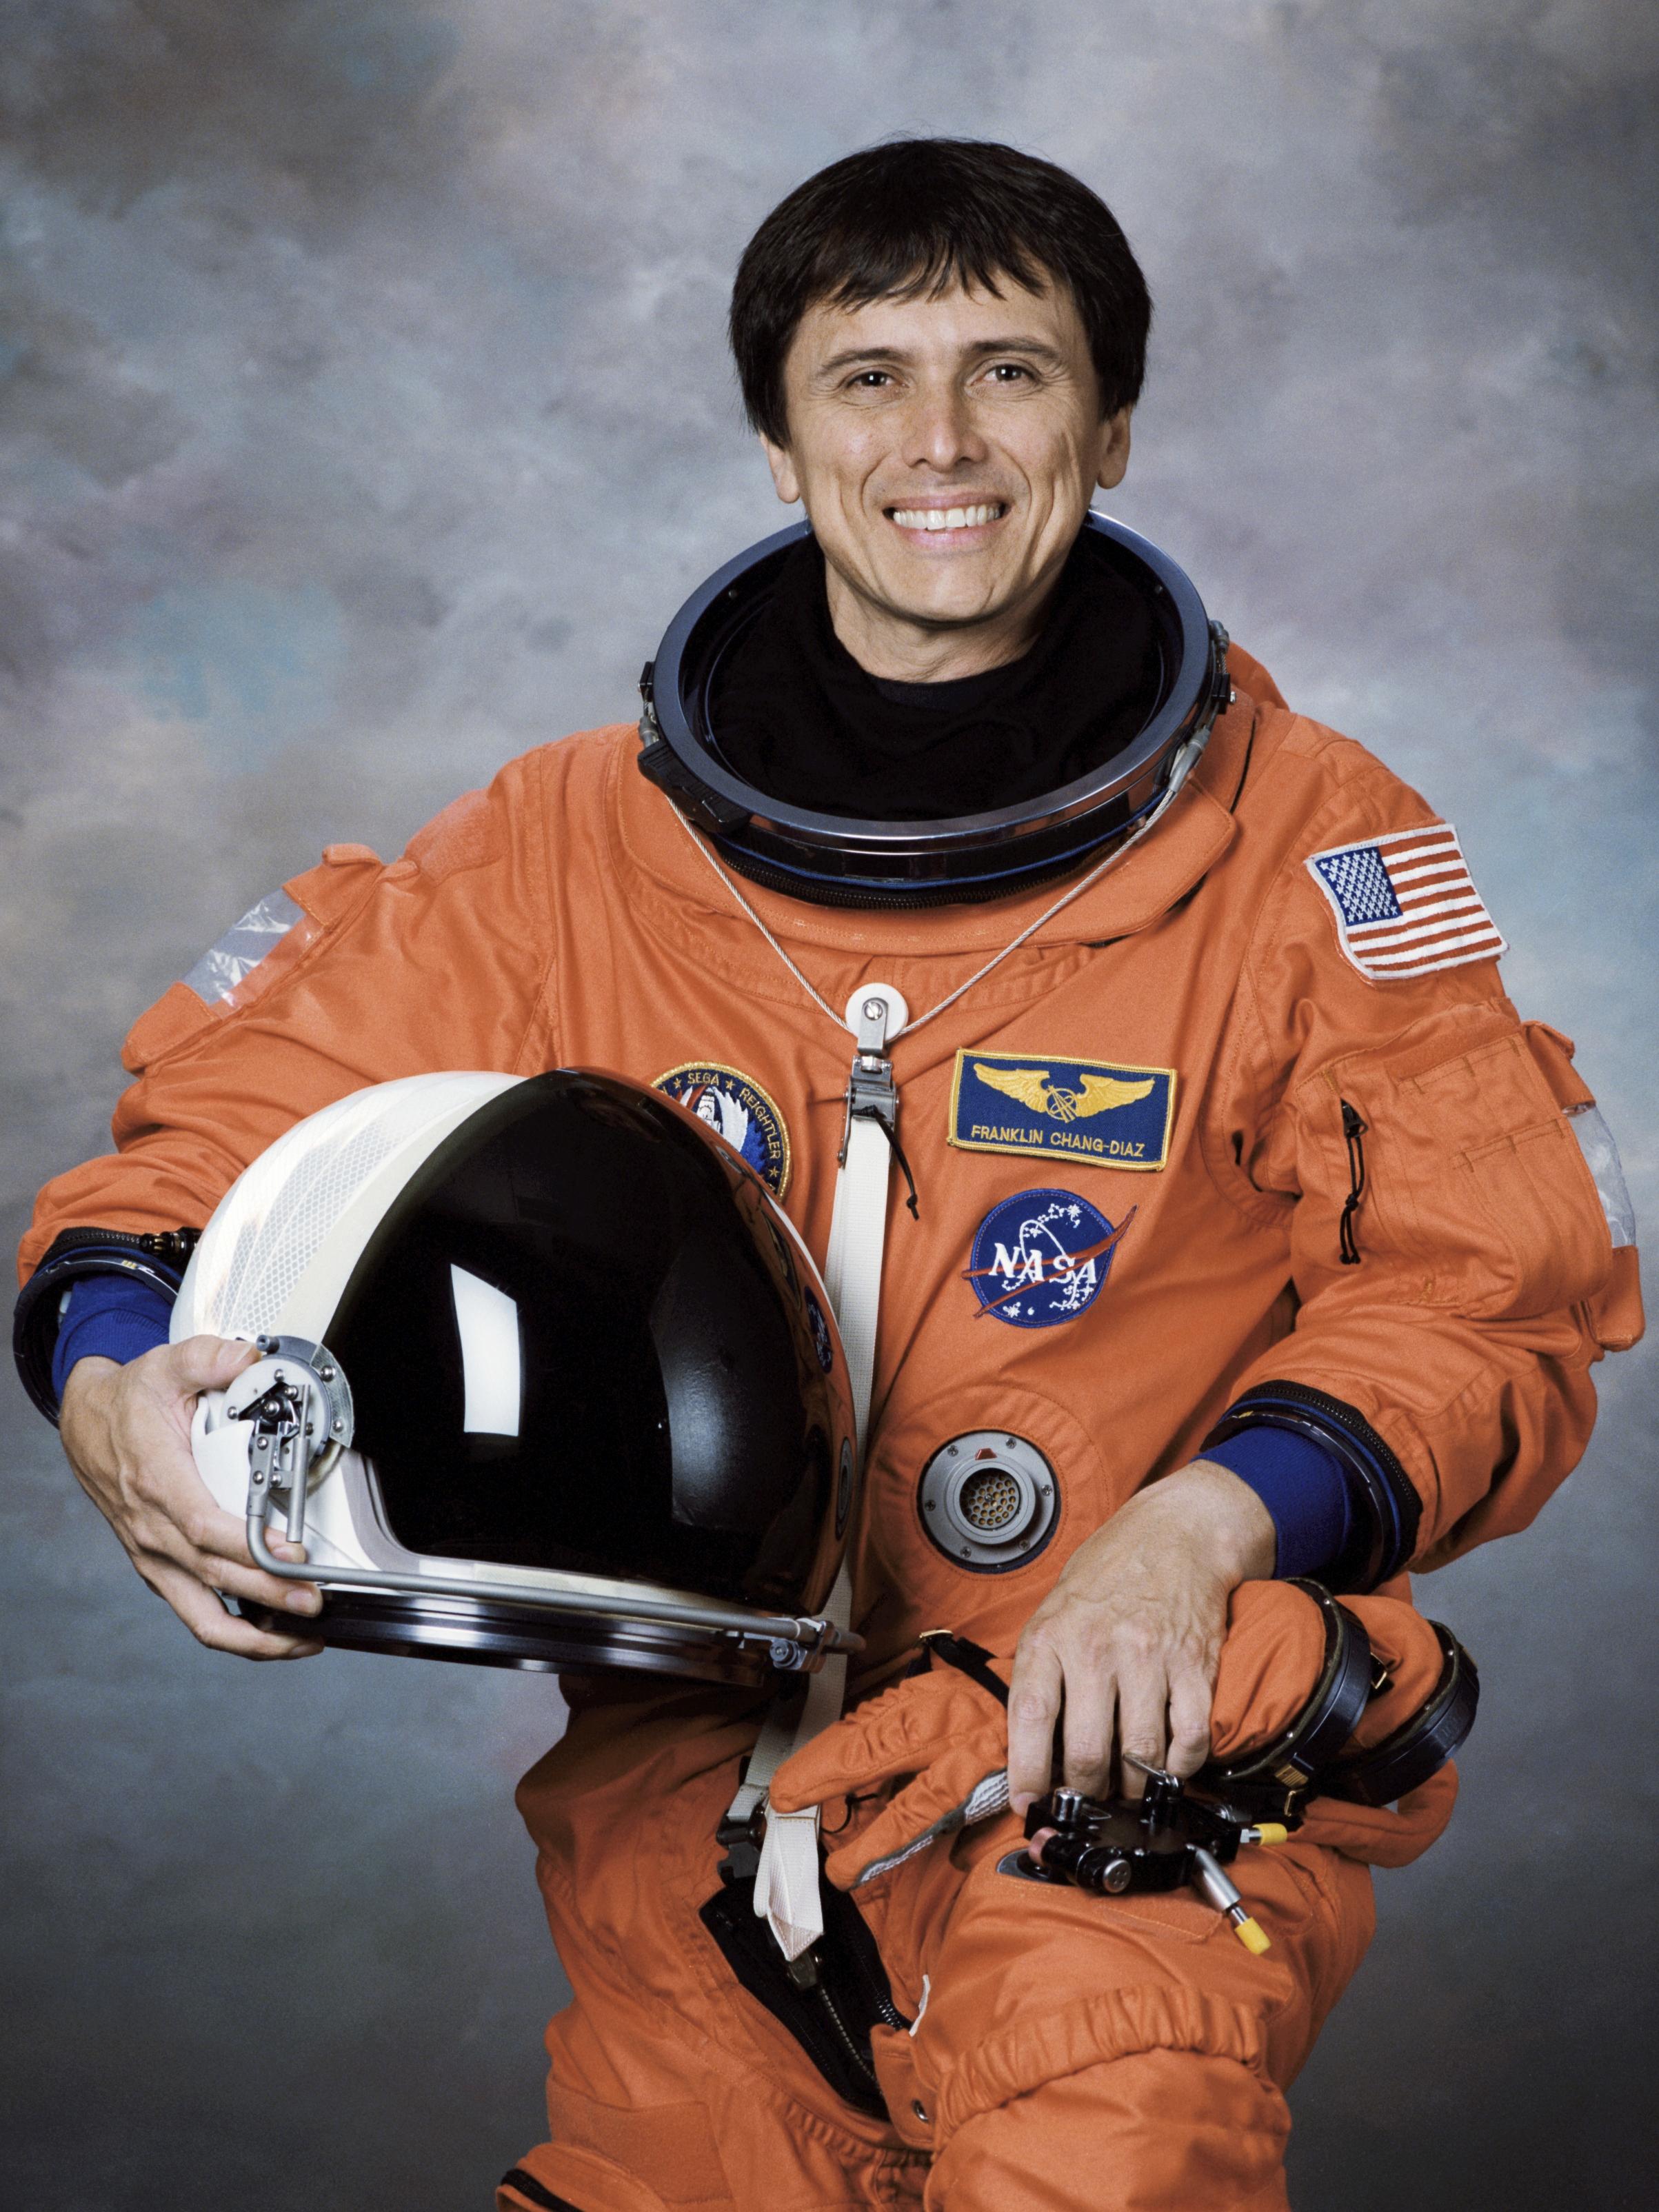 第一位華裔職業太空人張福林(Franklin Ro. Chang)。圖/取自維基百科